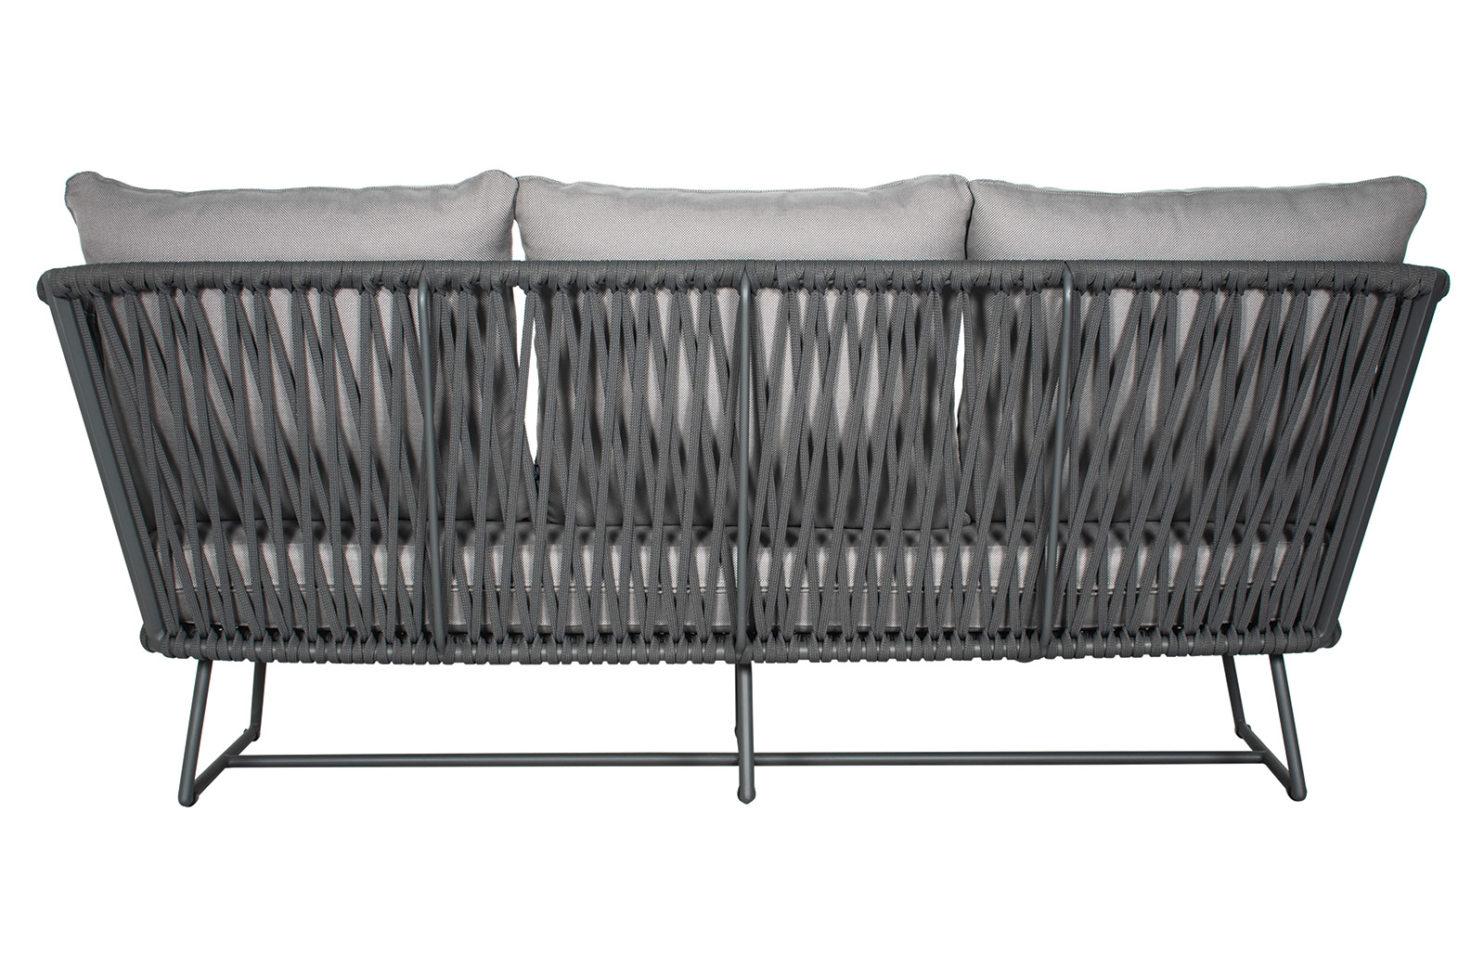 Archipelago orion sofa 620FT081P2DGP 1 back